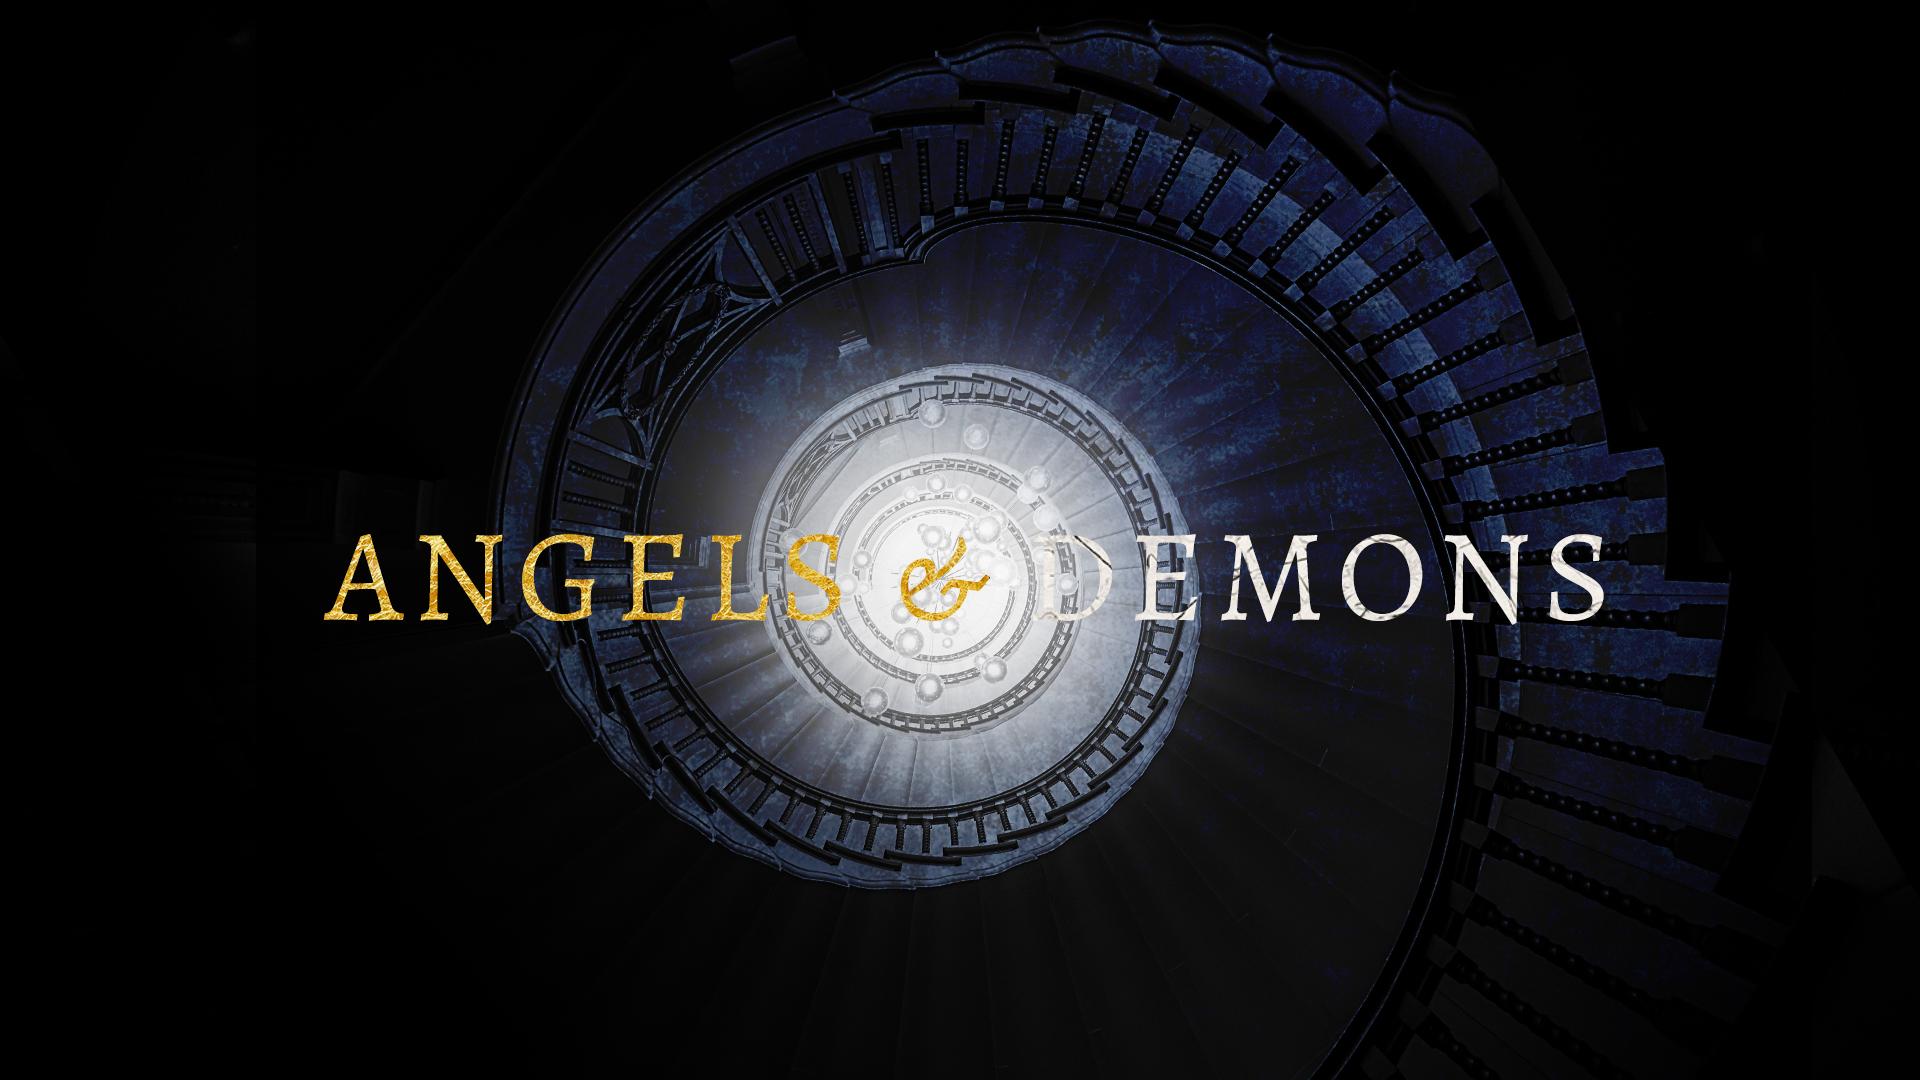 MaandThema - Heb je een vraag over het thema 'Engelen & Demonen' die je graag wilt stellen tijdens de laatste dienst van deze maand?